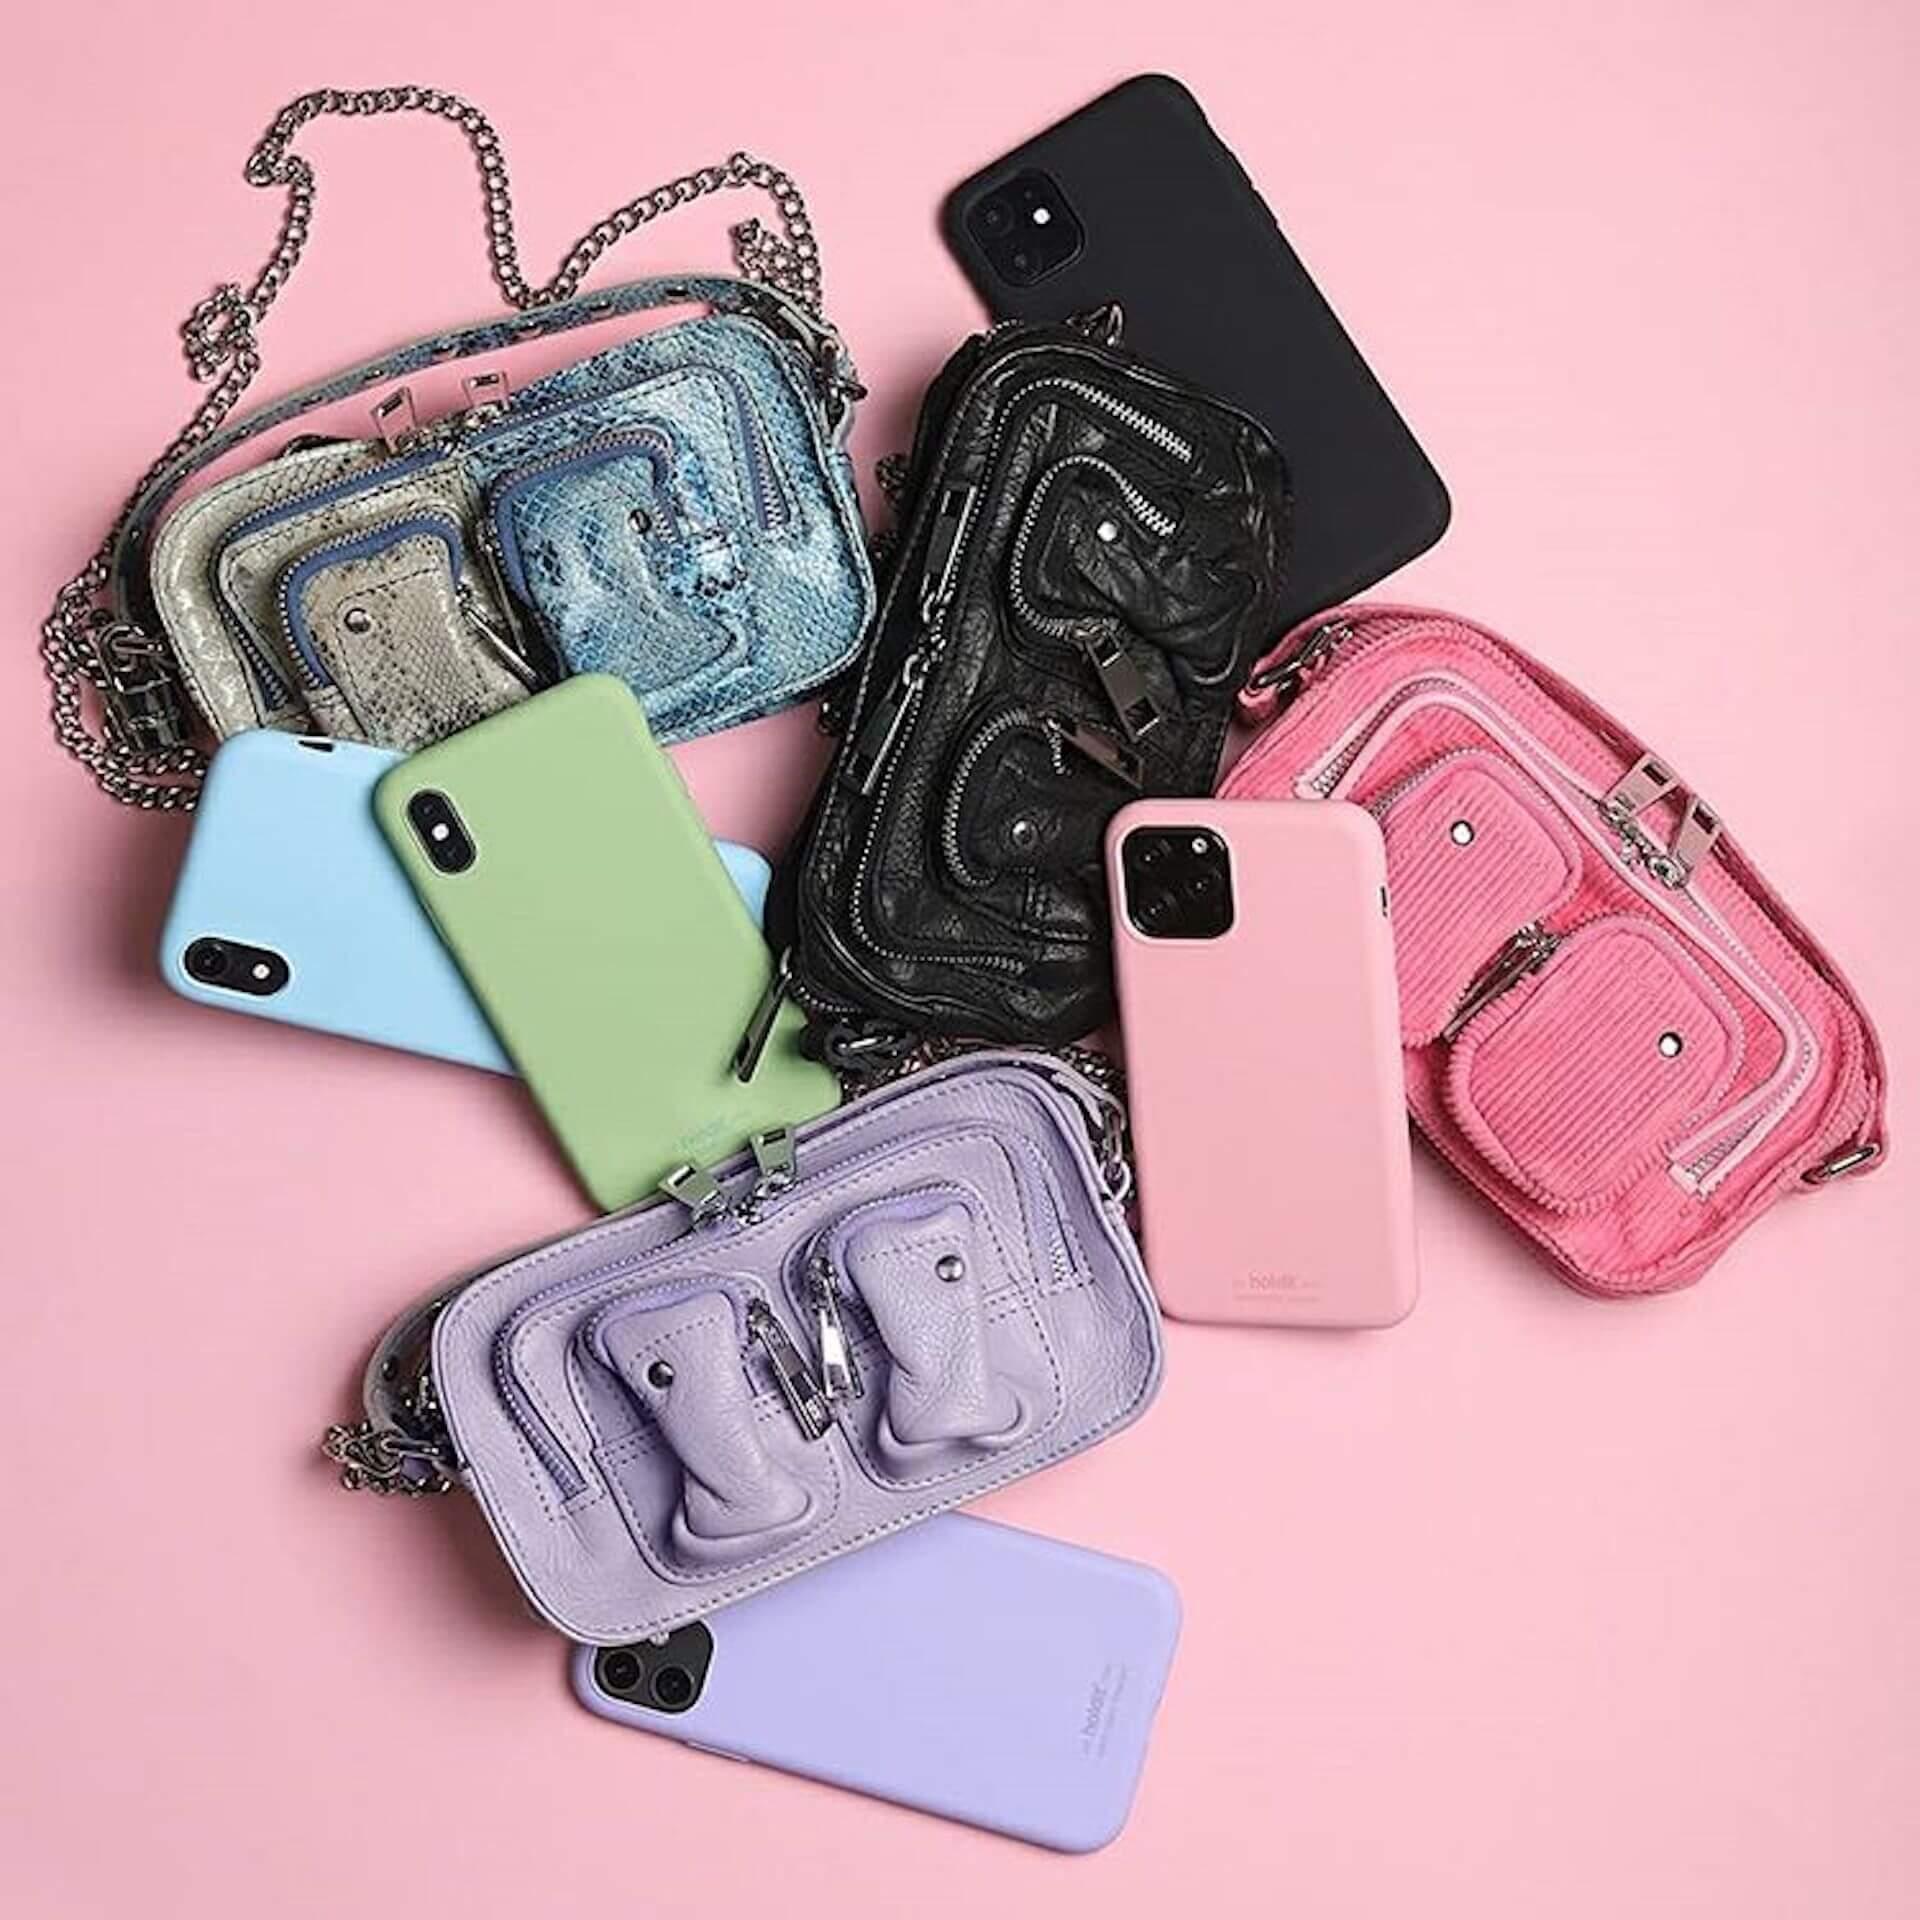 豊富なカラーバリエーションが人気のHolditシリコンケースにiPhone 12シリーズ専用ケースが登場! tech201022_iphone12_case_1